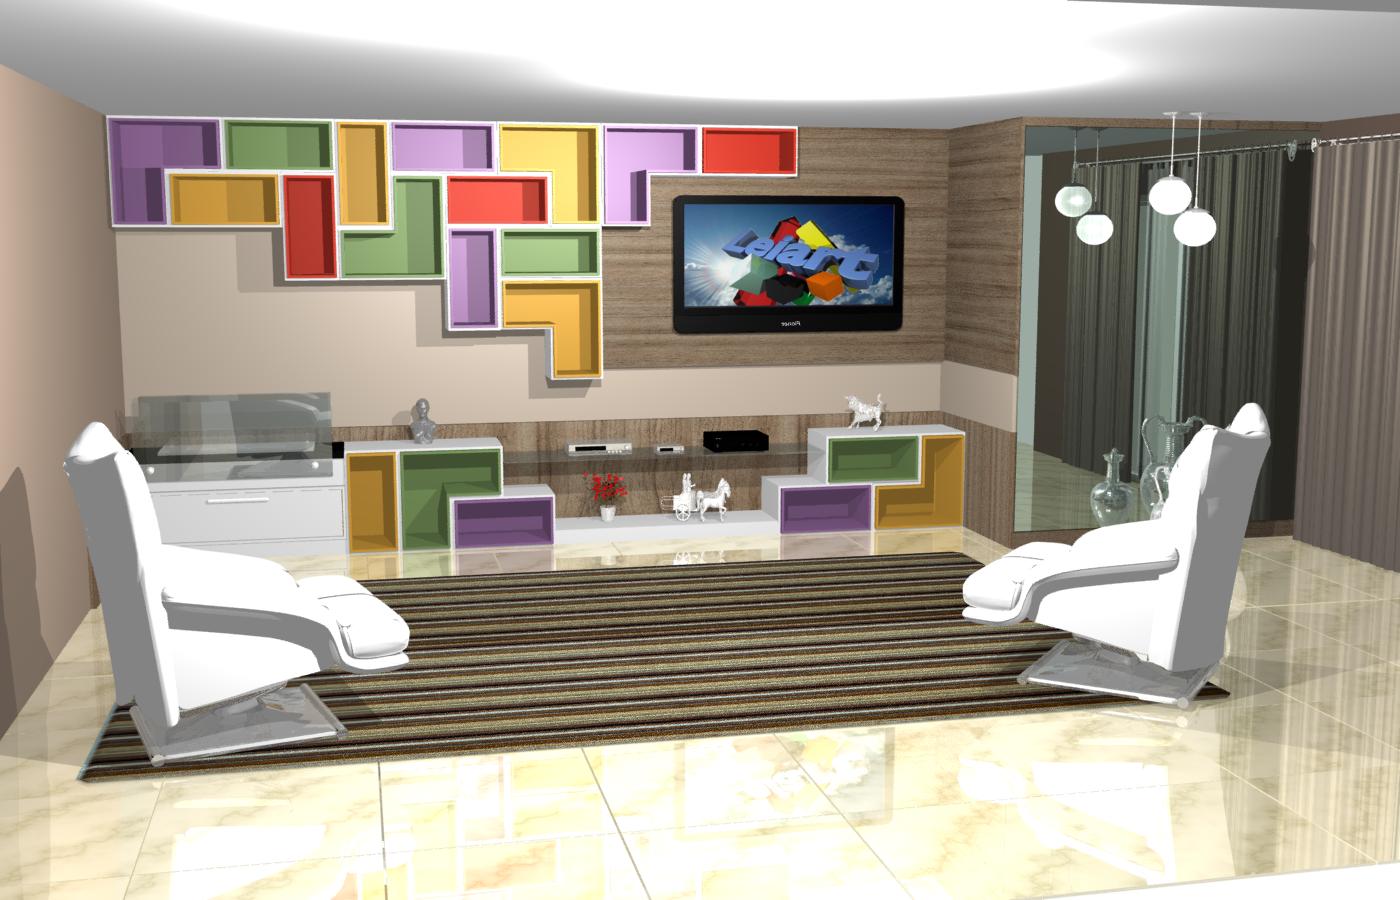 BANHEIRO GABINETE ÁREA DE SERVIÇOS DESIGN FERRAGENS QUARTO #A0662B 1400x900 Banheiro Adaptado Medidas